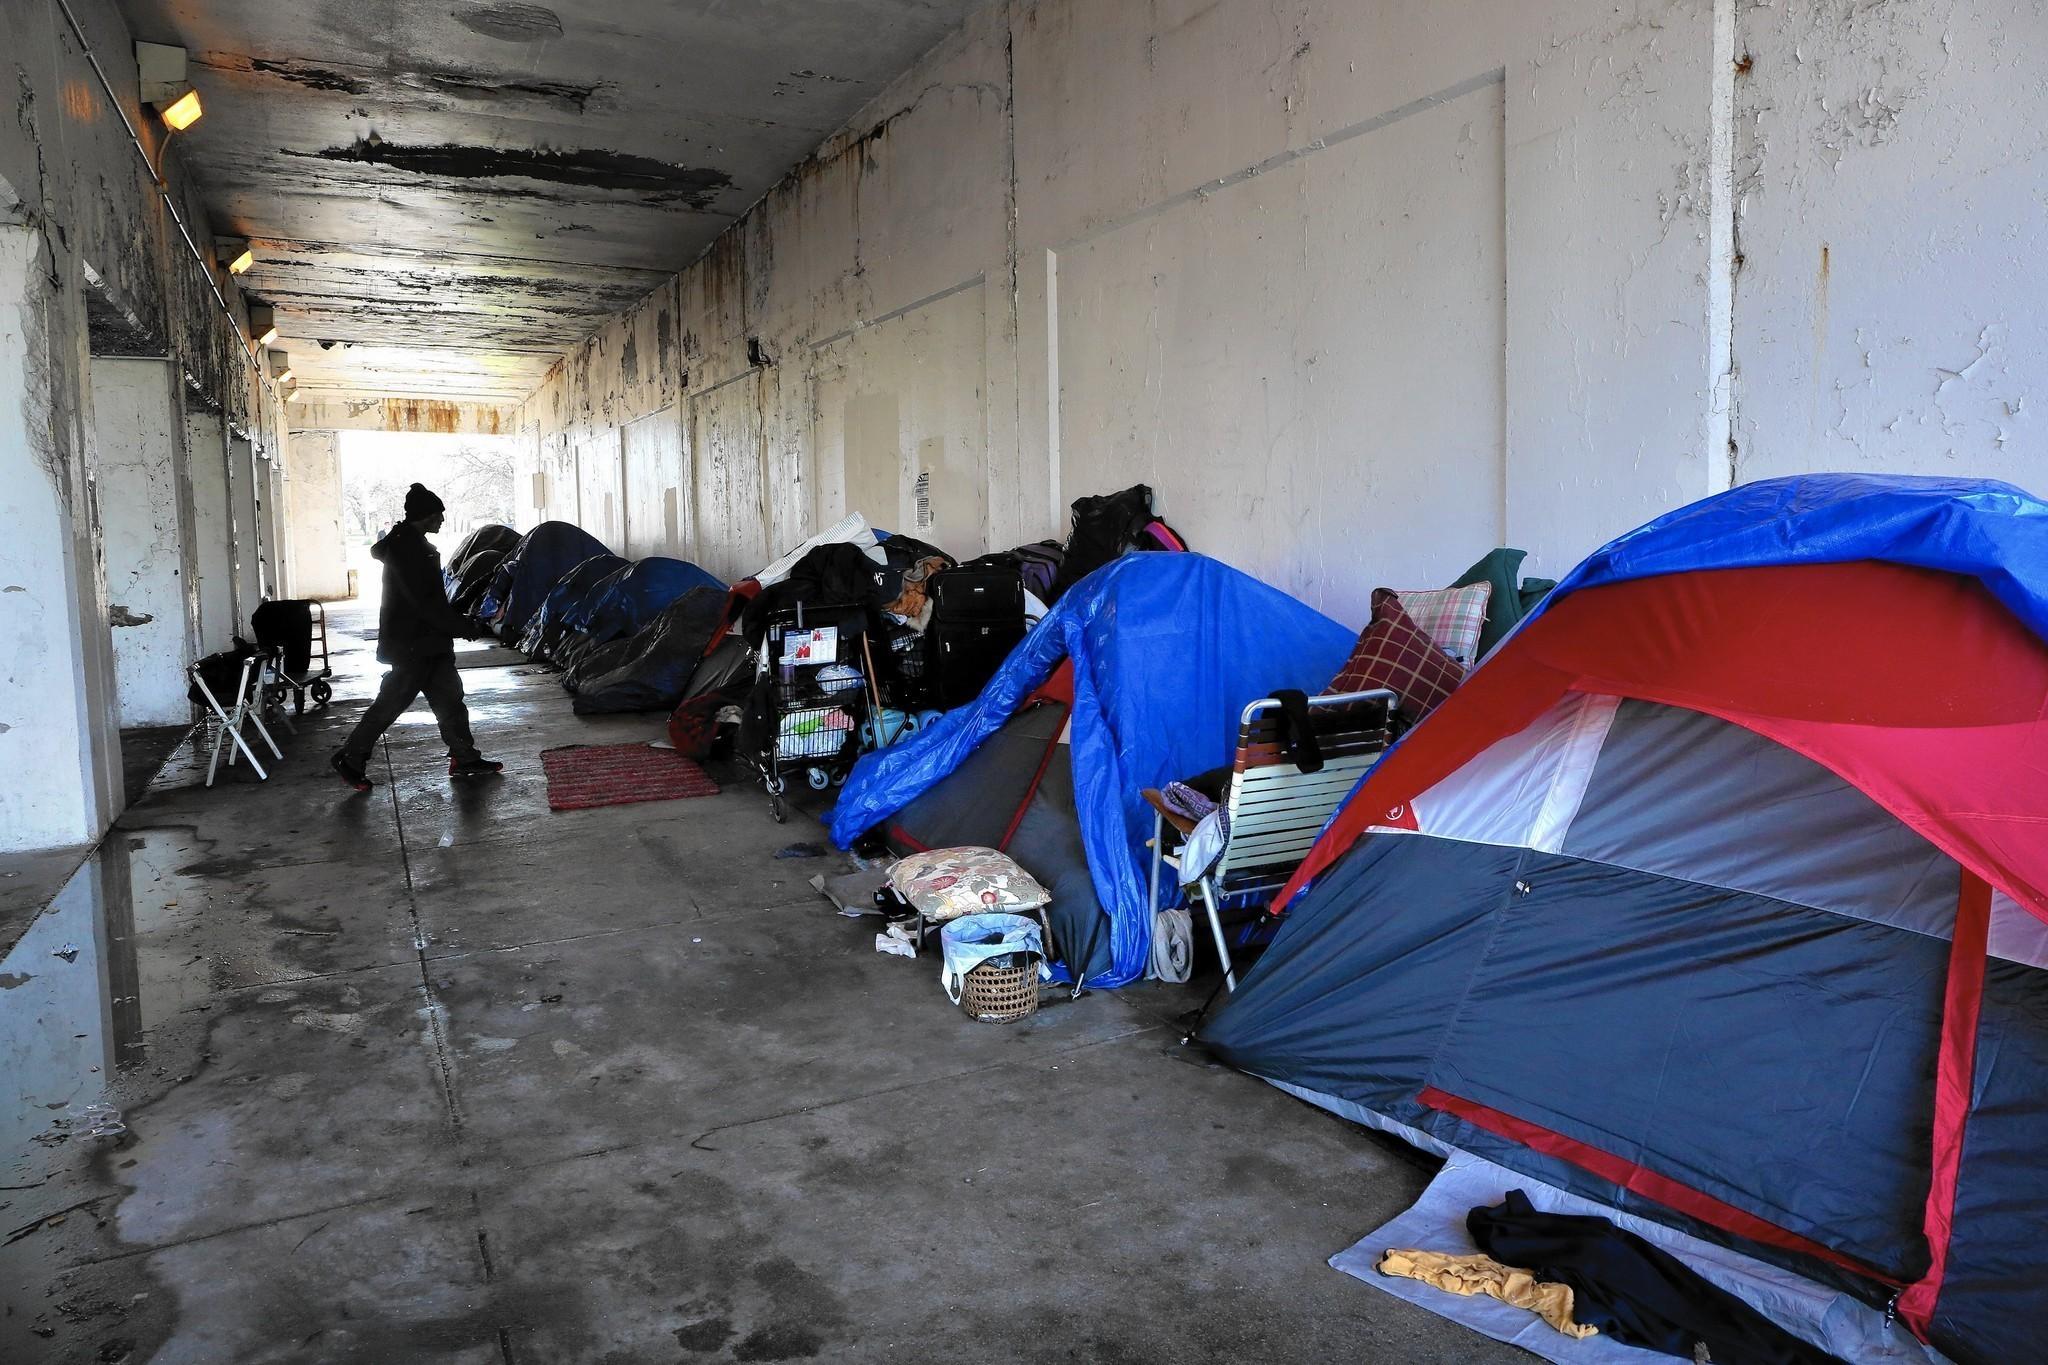 Emanuel Makes Moves On Homelessness Critics Still Boo